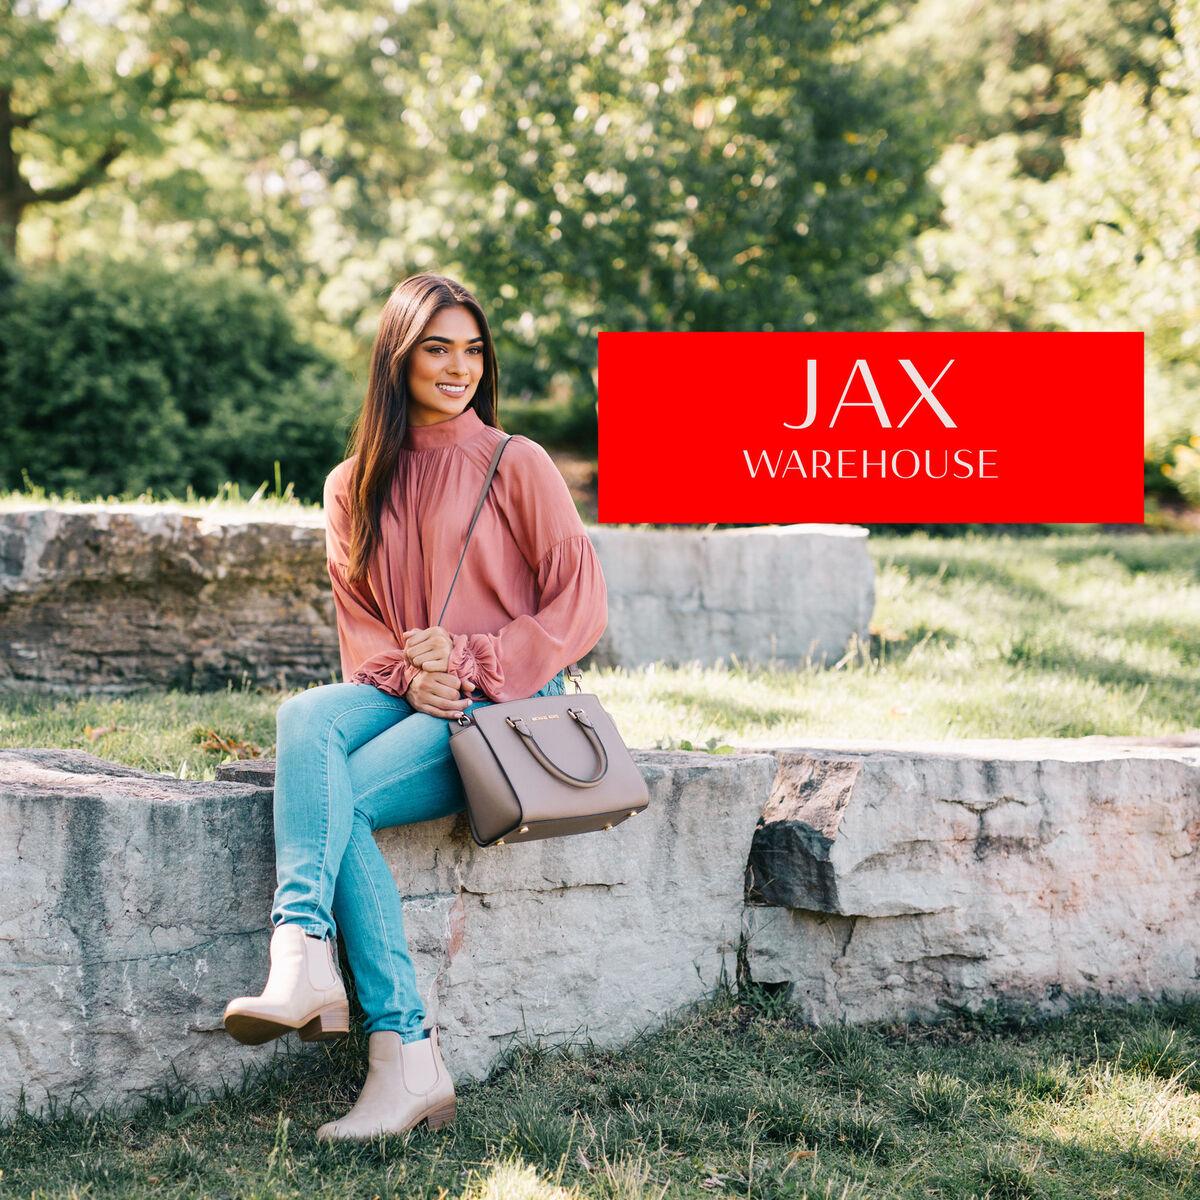 Jax Warehouse